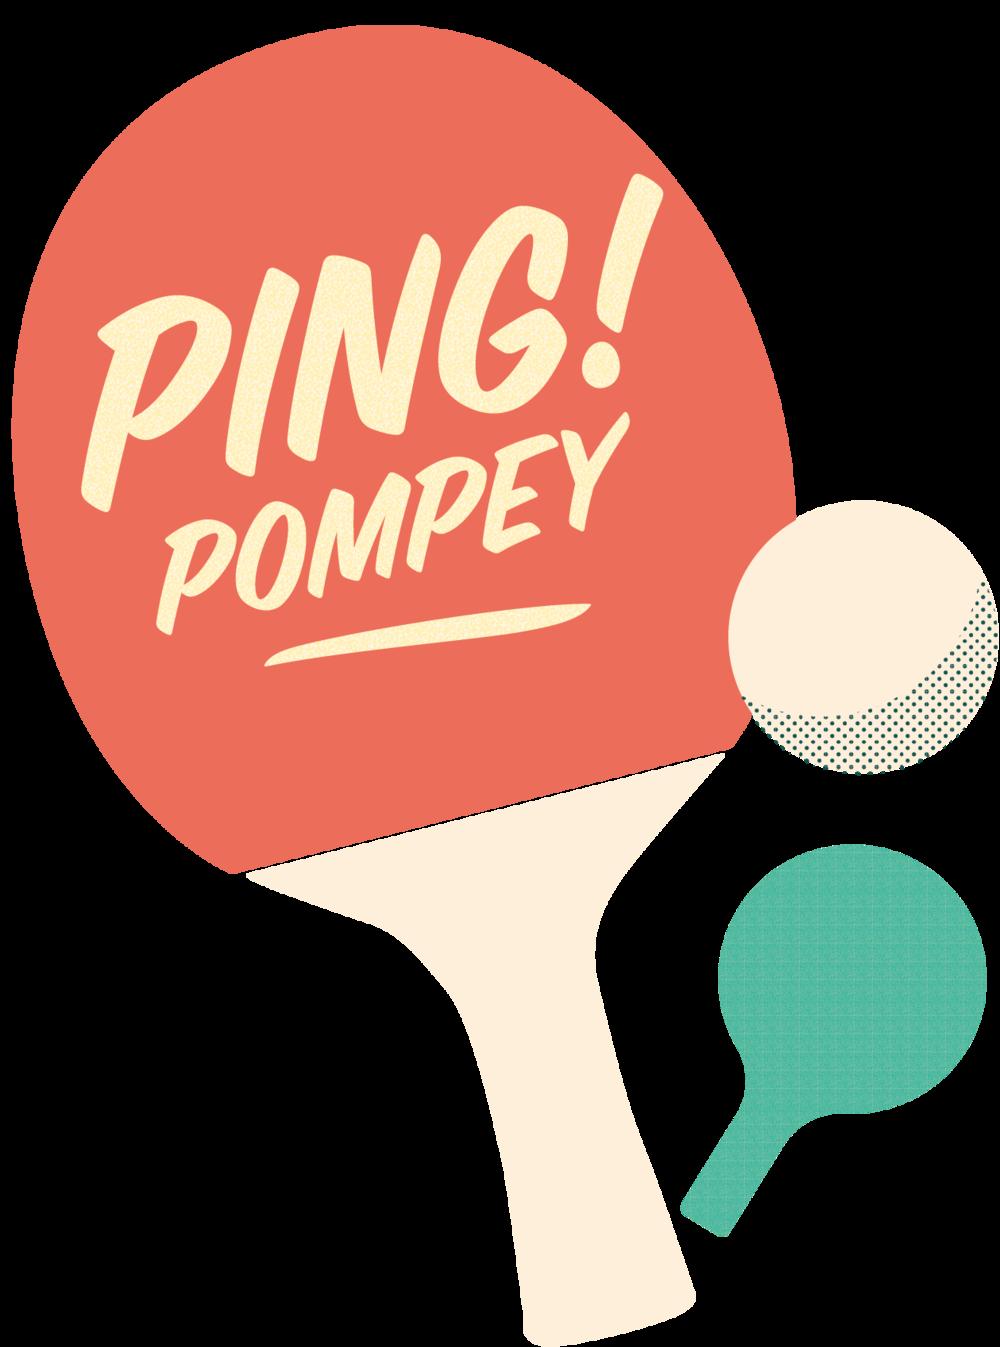 ping! pompey logo 1.png